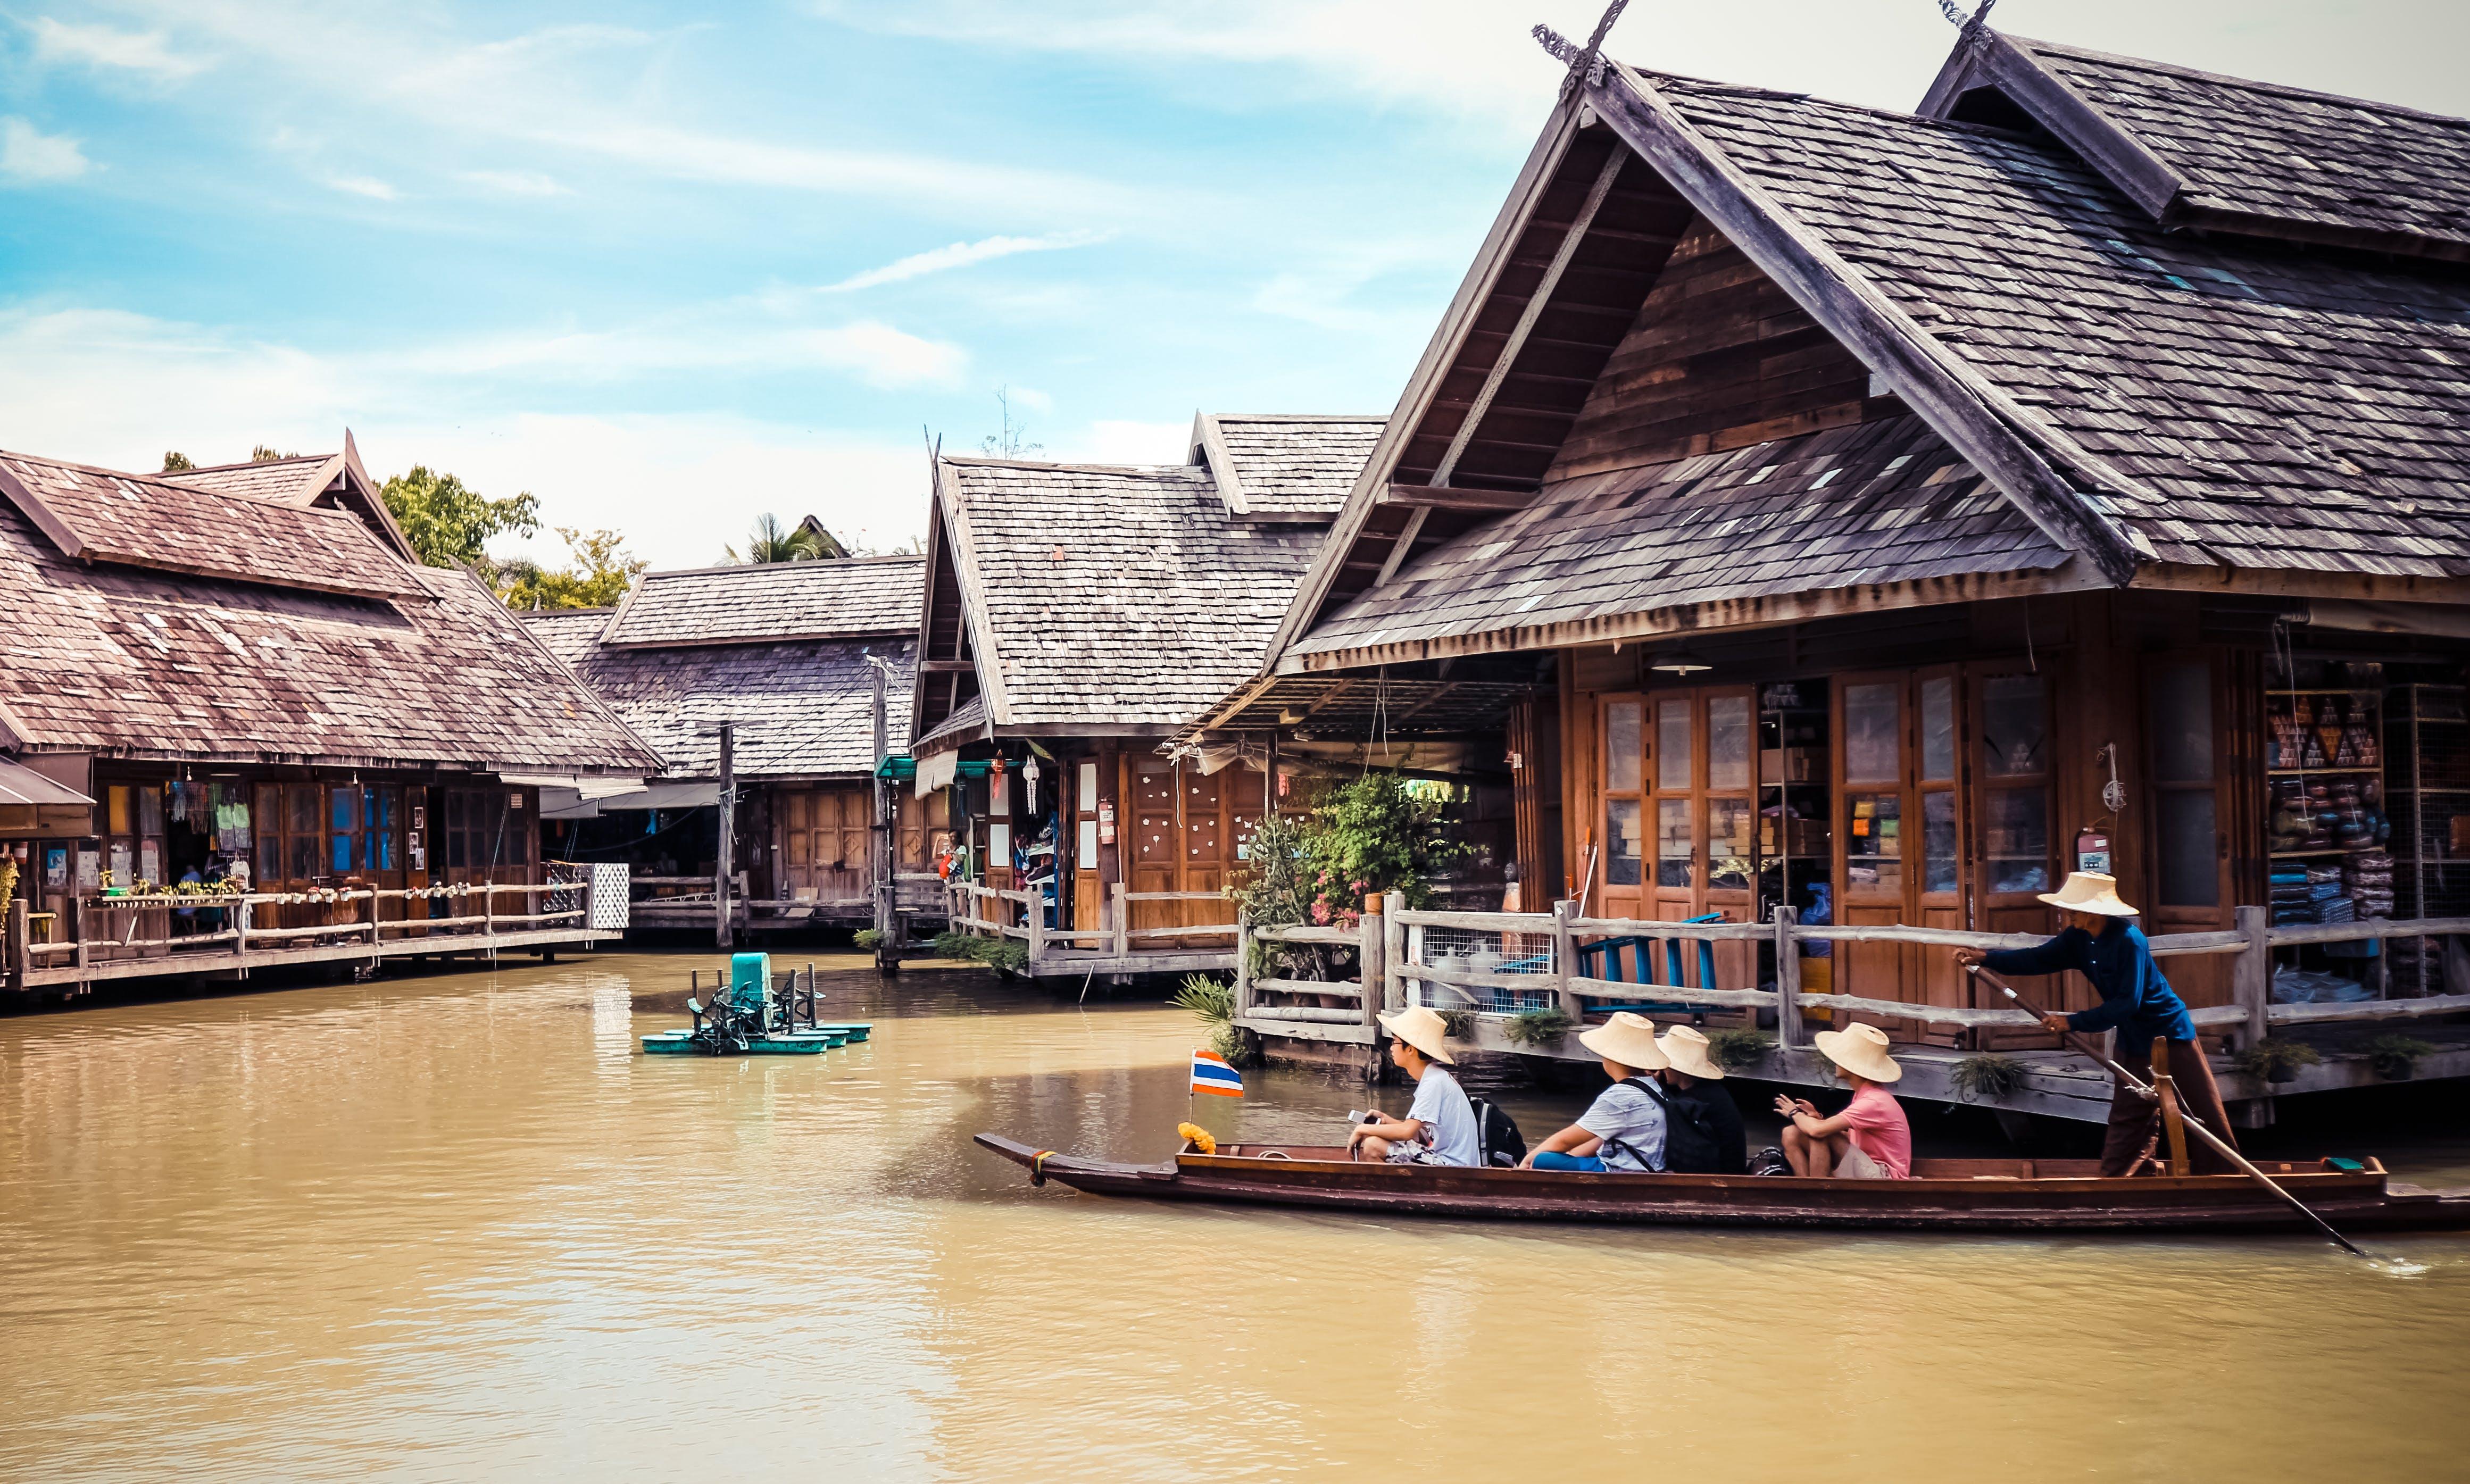 Kostnadsfri bild av arkitektur, båt, butiker, byggnad